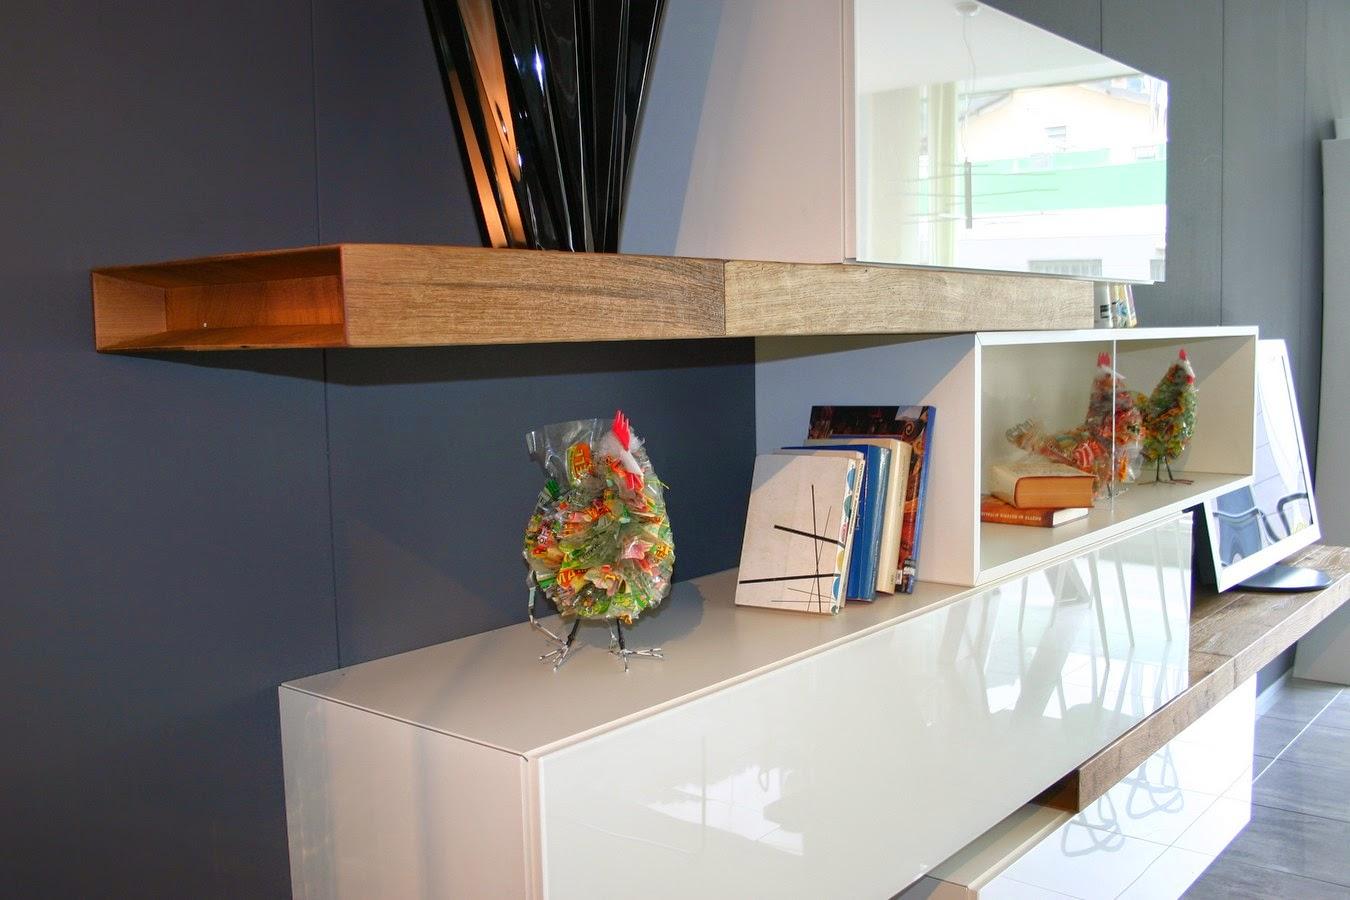 Soggiorni e salotti moderni arredo per la tua casa for Mobili sala angolari